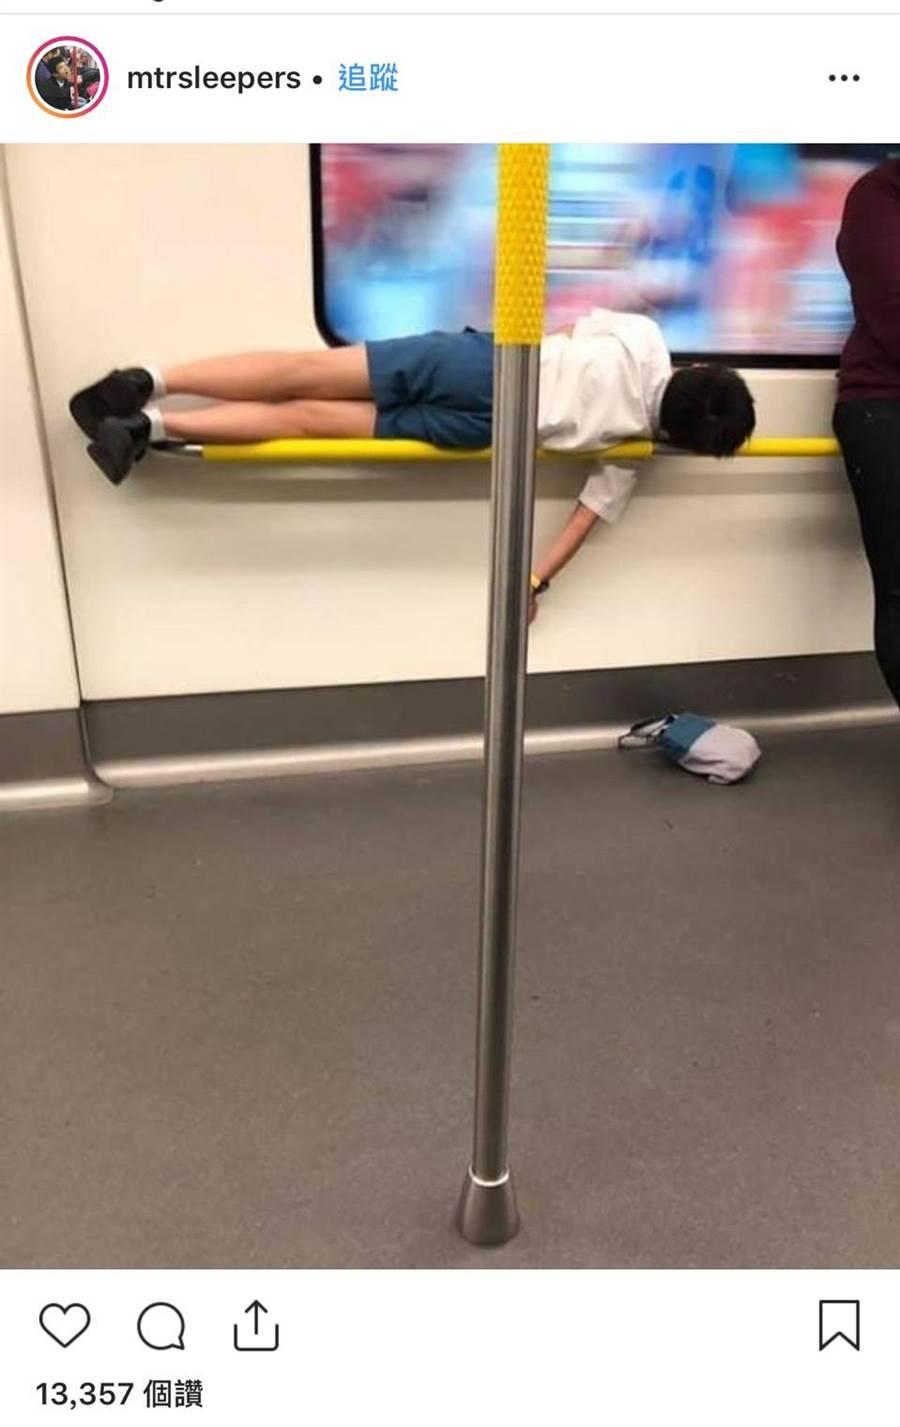 有逾3萬用戶追蹤、專放港鐵內乘客睡相的「MTR Sleepers」Instagram帳戶,昨天上傳了一張港鐵上學生哥的睡相,讓眾人都驚呆了。(MTR Sleepers)